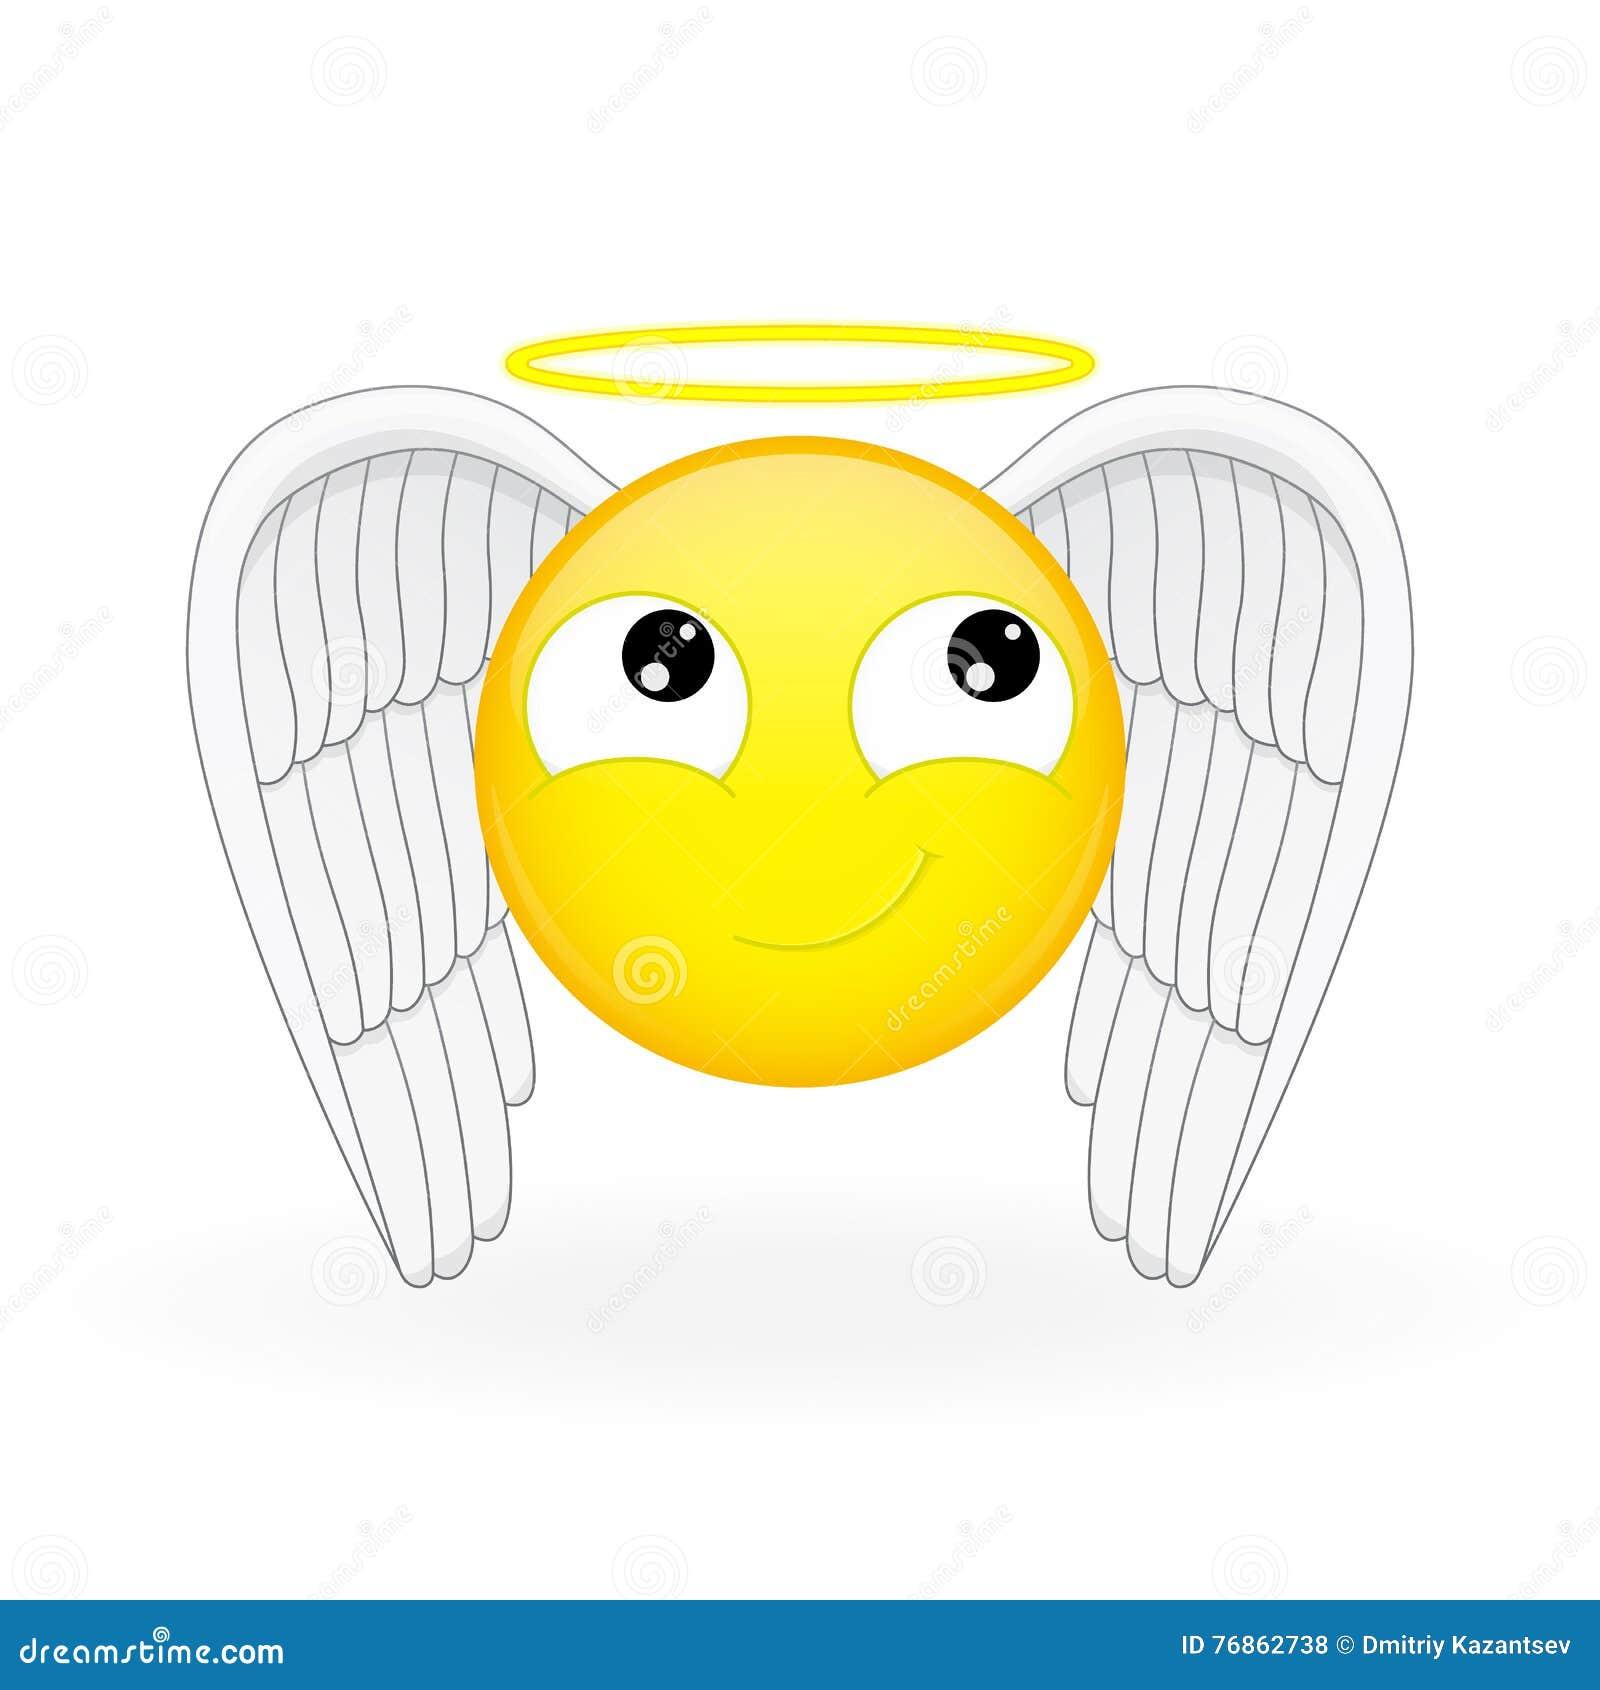 how to draw an angel emoji